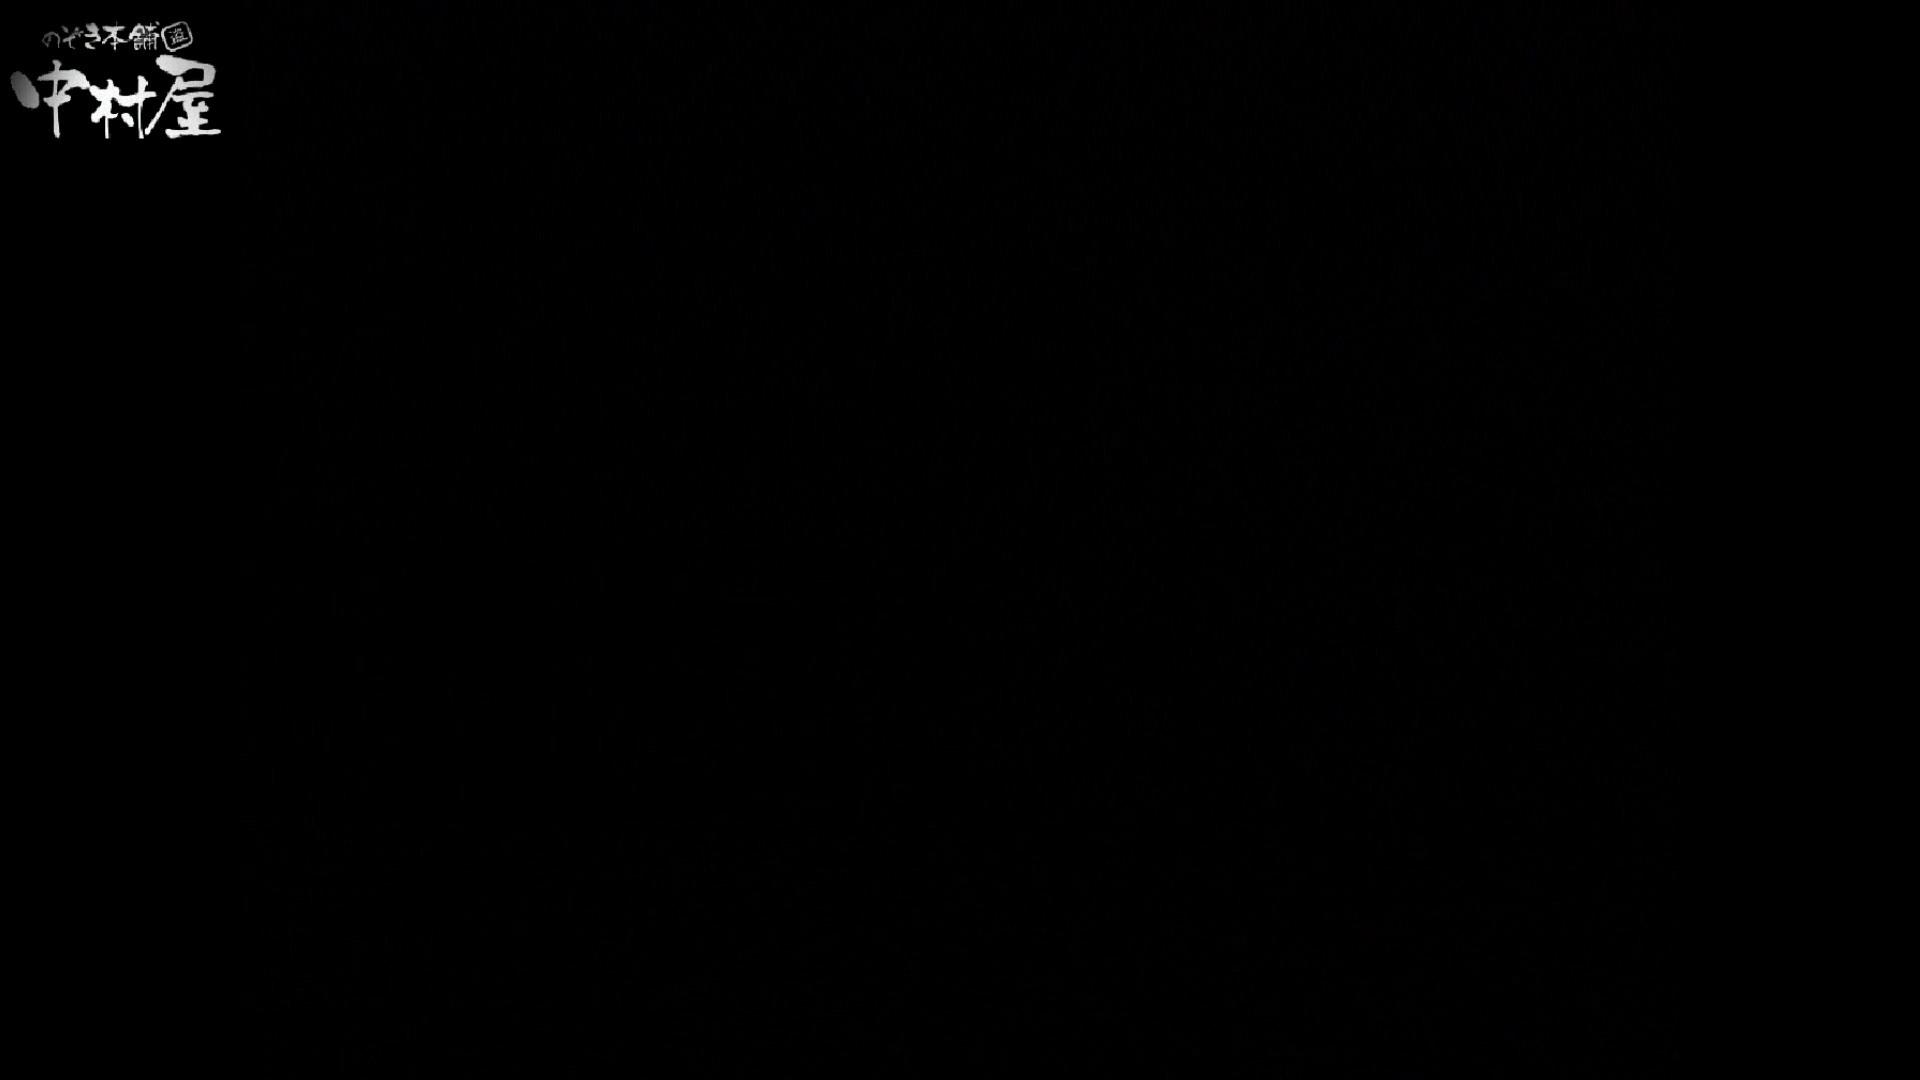 民家風呂専門盗撮師の超危険映像 vol.008 美少女  97Pix 28